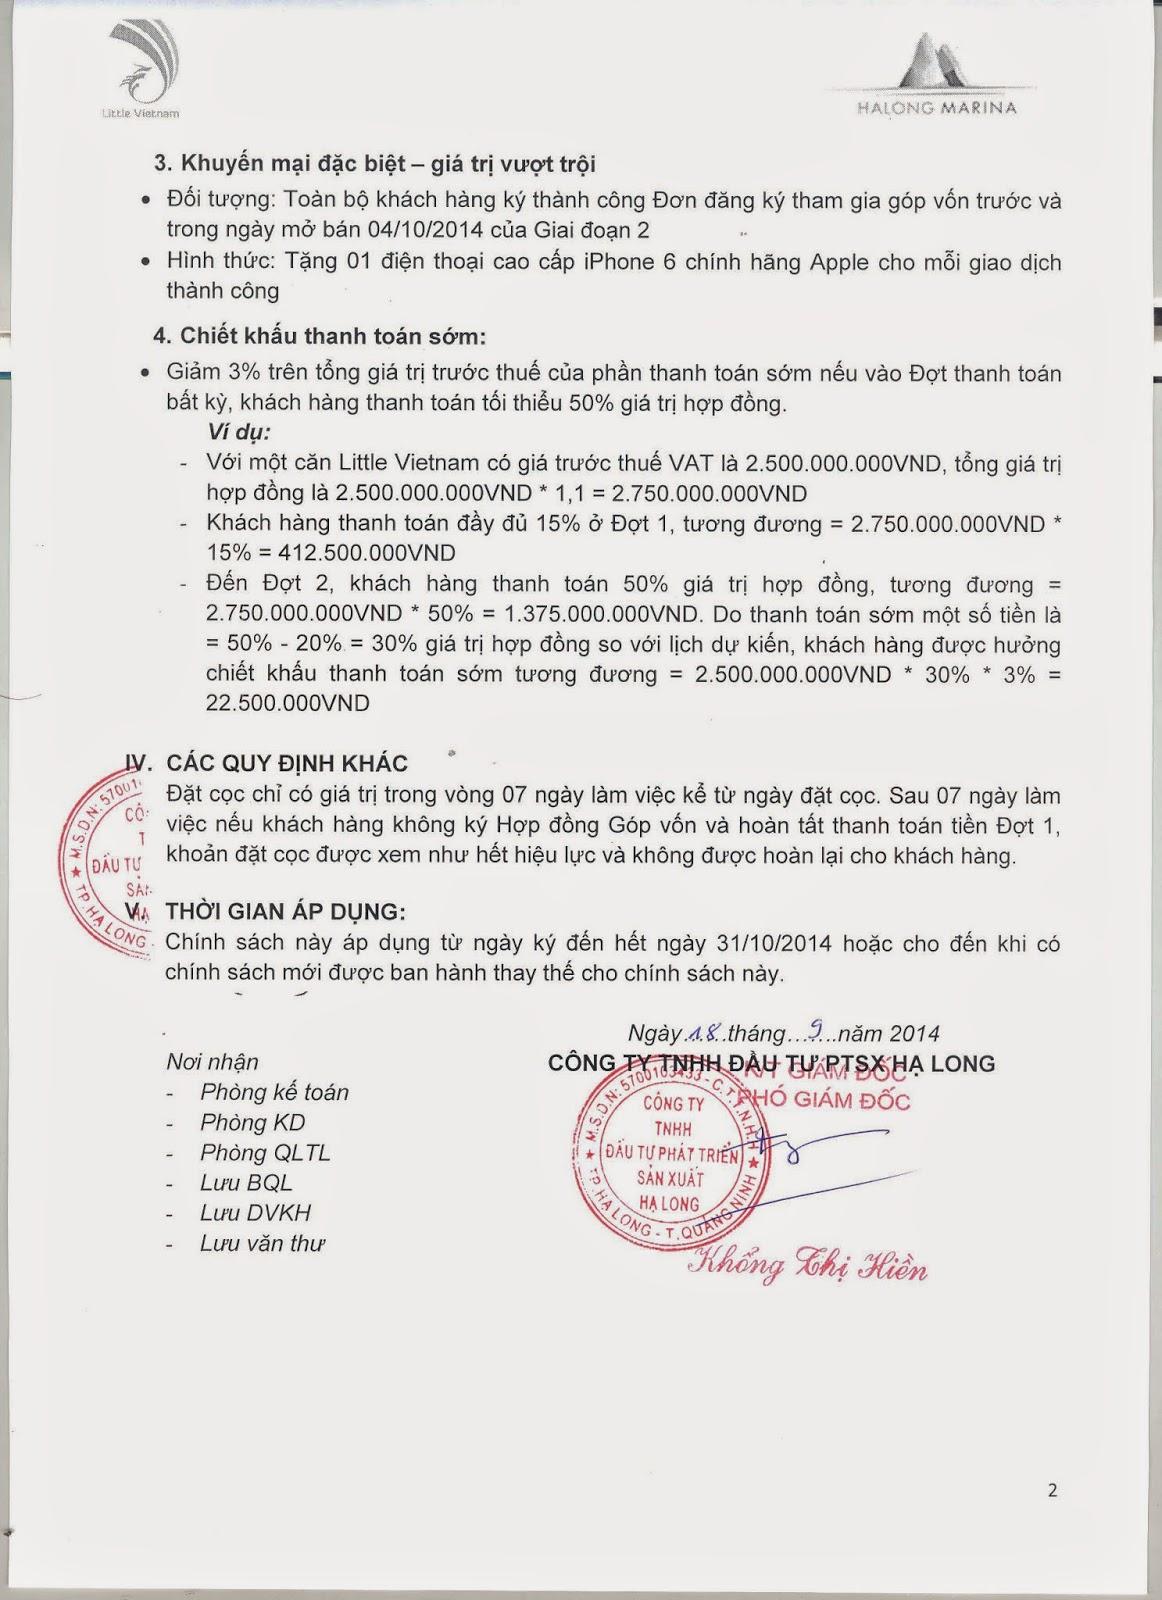 Chính Sách Bán Little Việt Nam